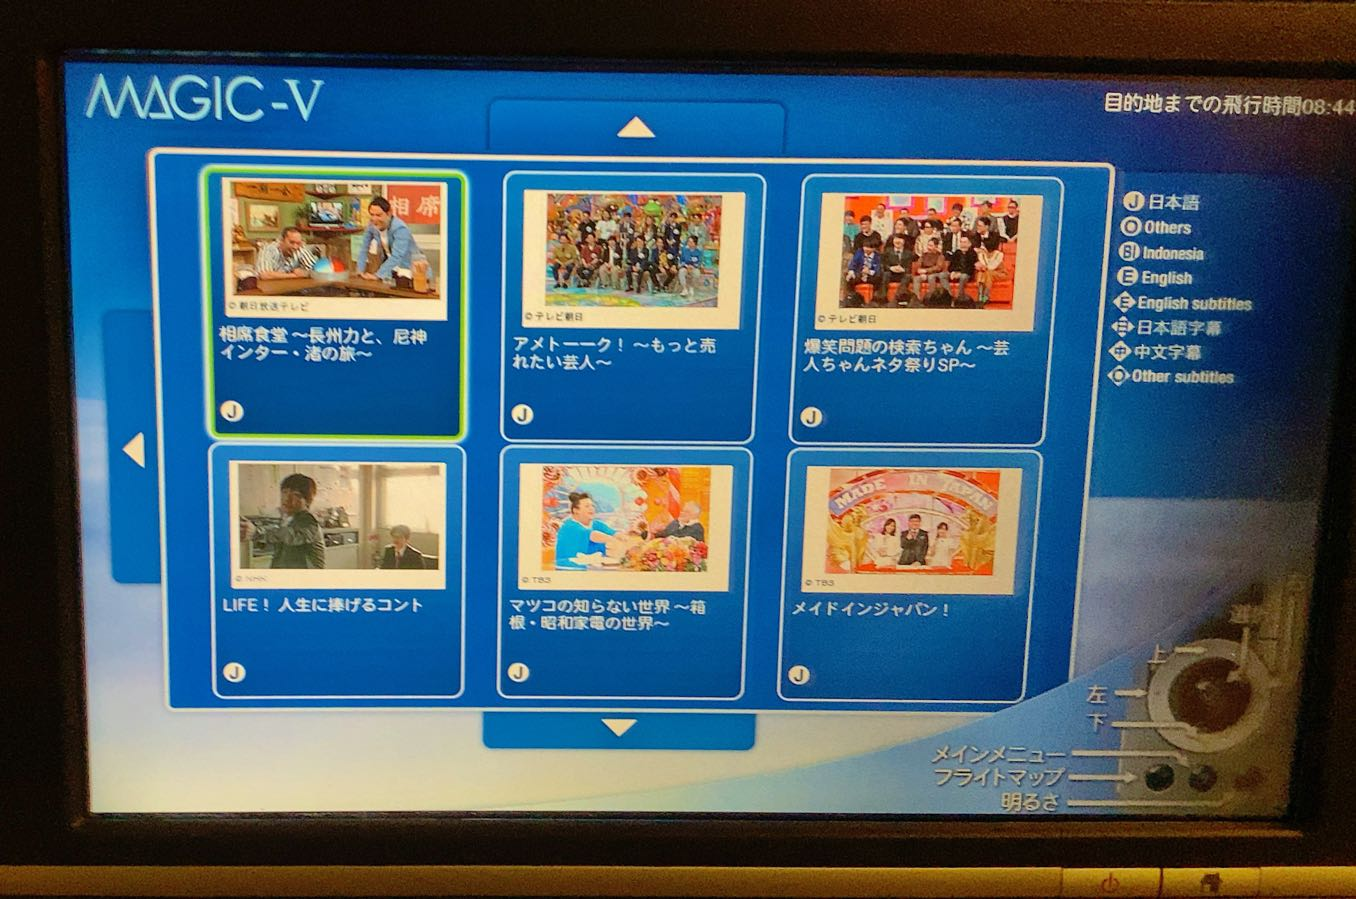 日本のテレビ番組もある